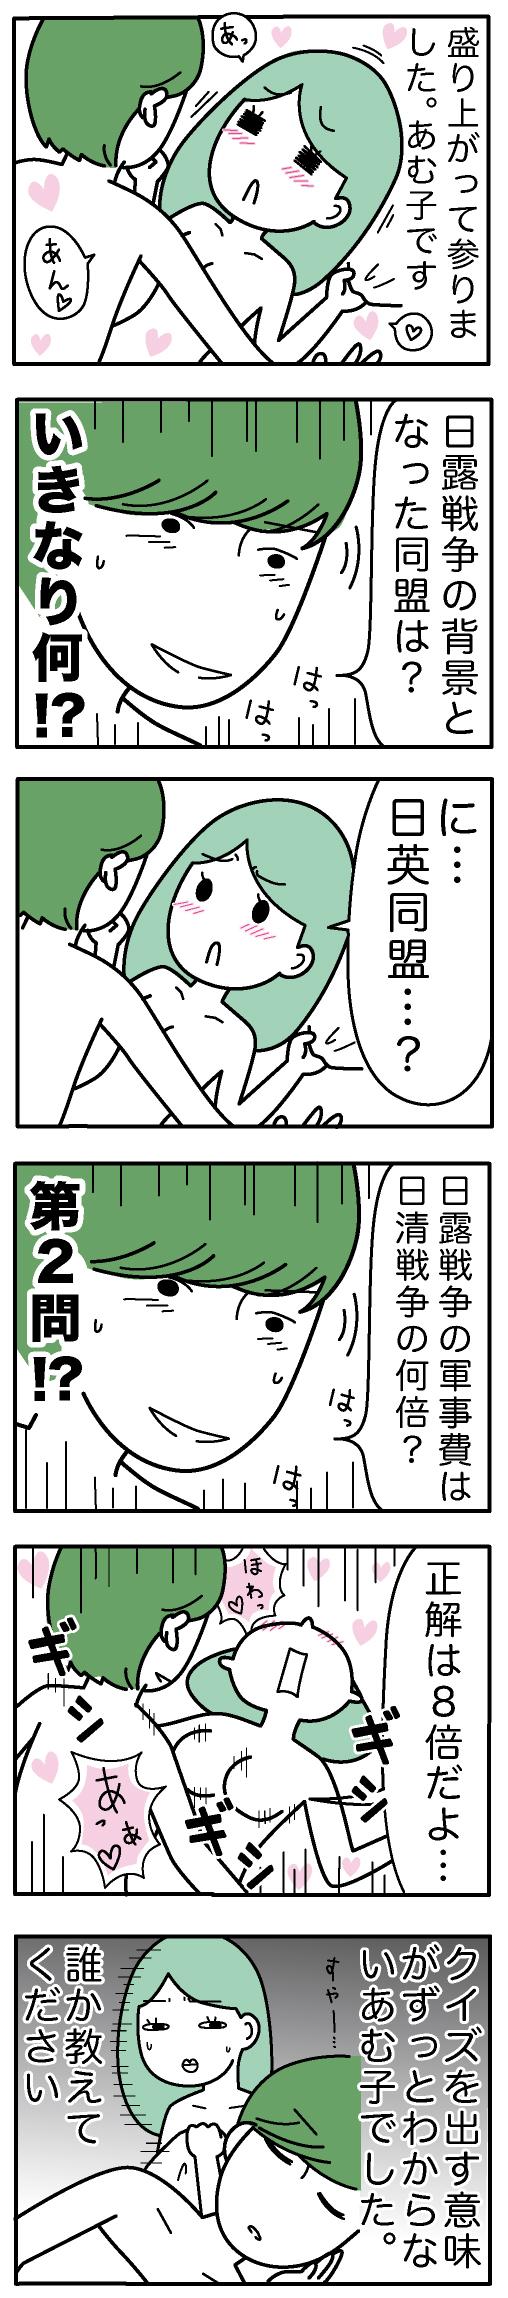 セックス中に日本史クイズを出されたのがずっと謎なあむ子の日常167話